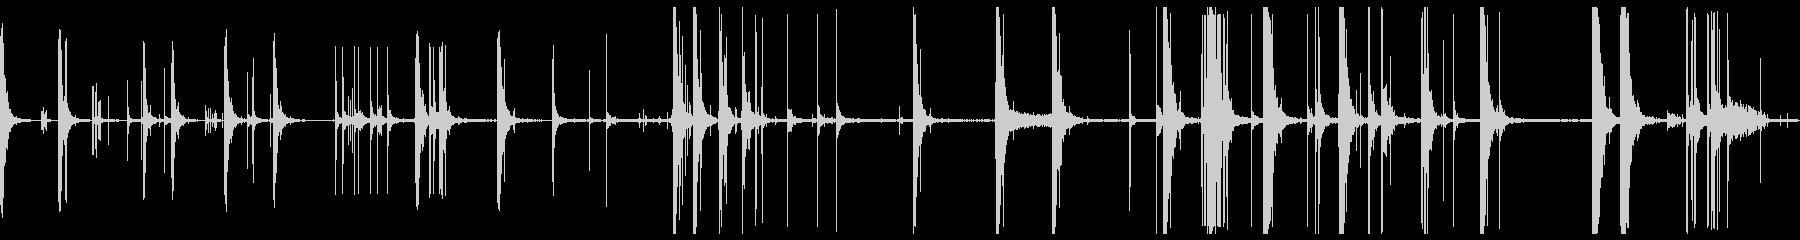 爆発花火ビッグバンの未再生の波形